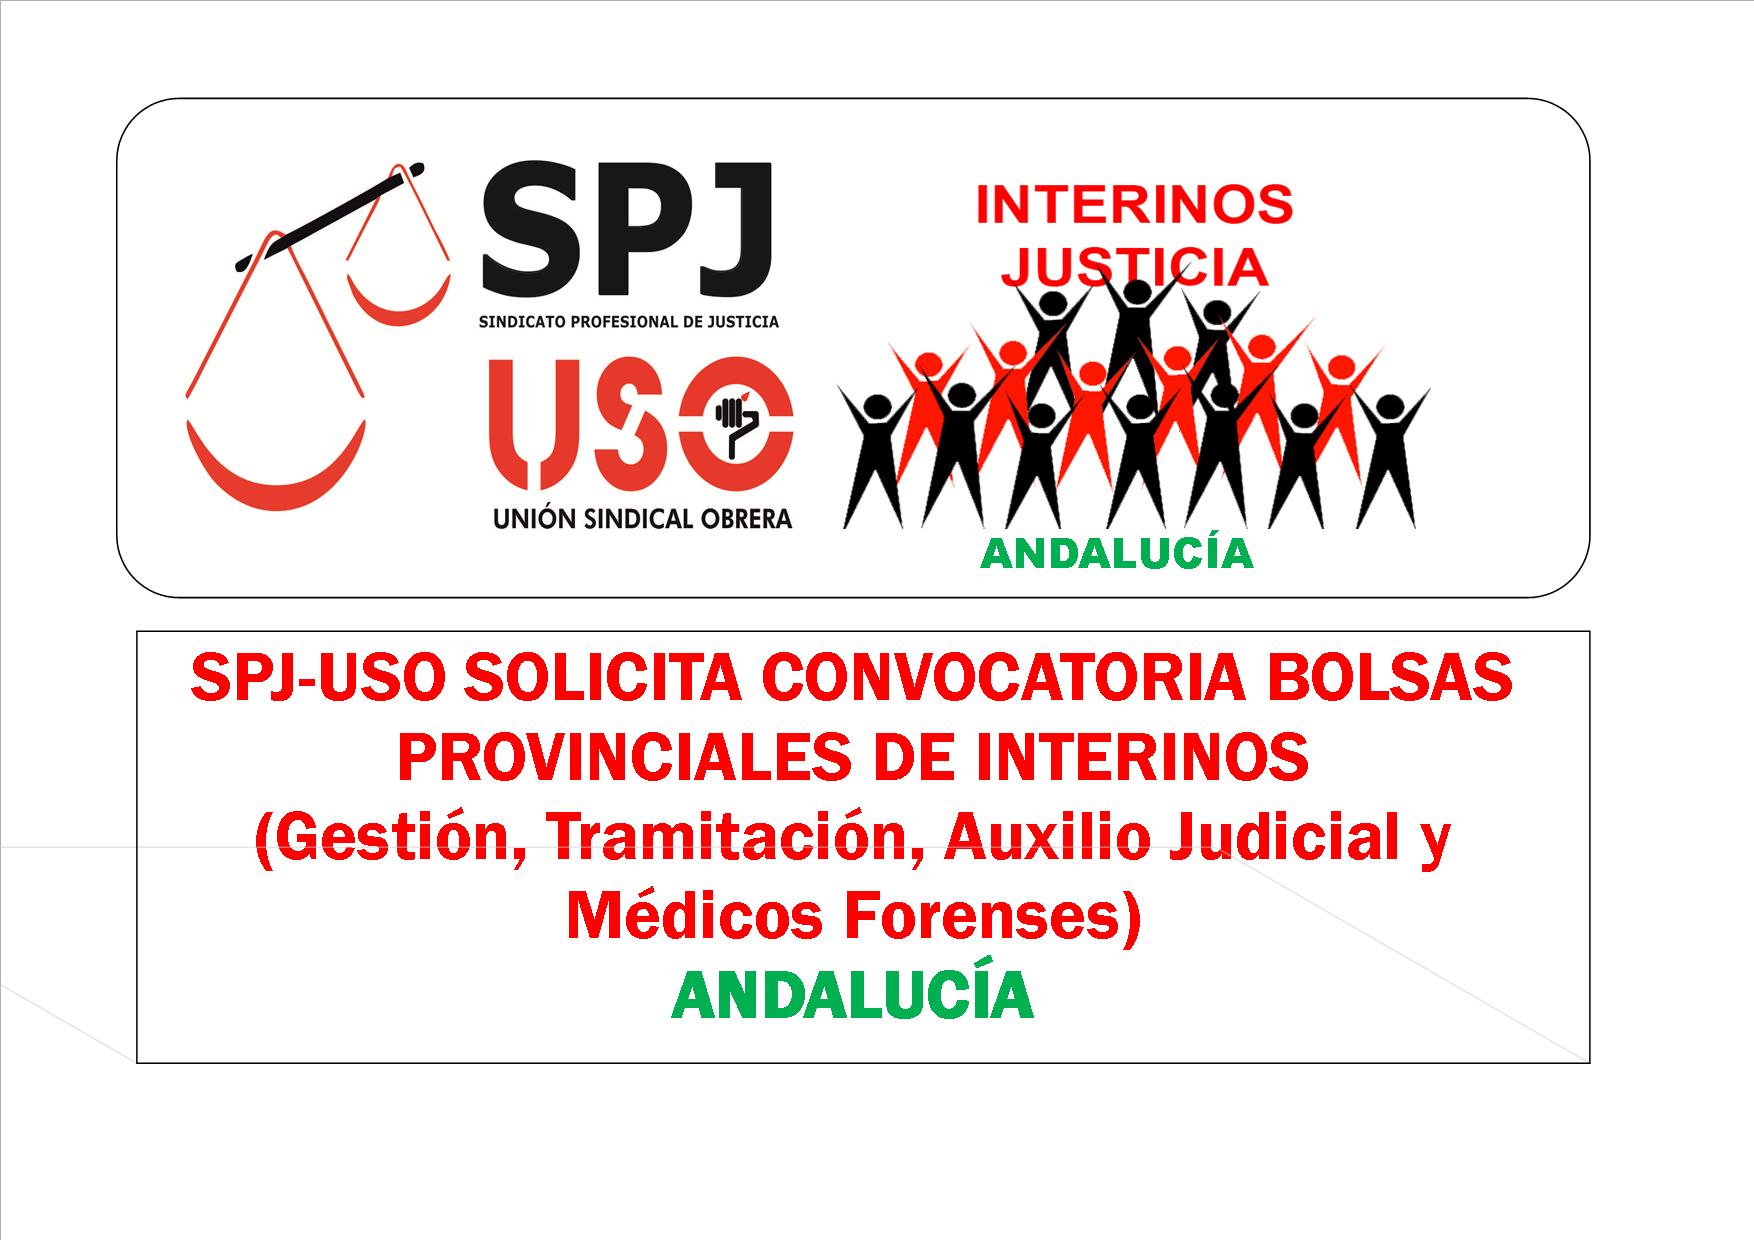 Spj Solicita De Bolsas La Uso Andalucía Convocatoria Las Inmediata YvI6ybf7g